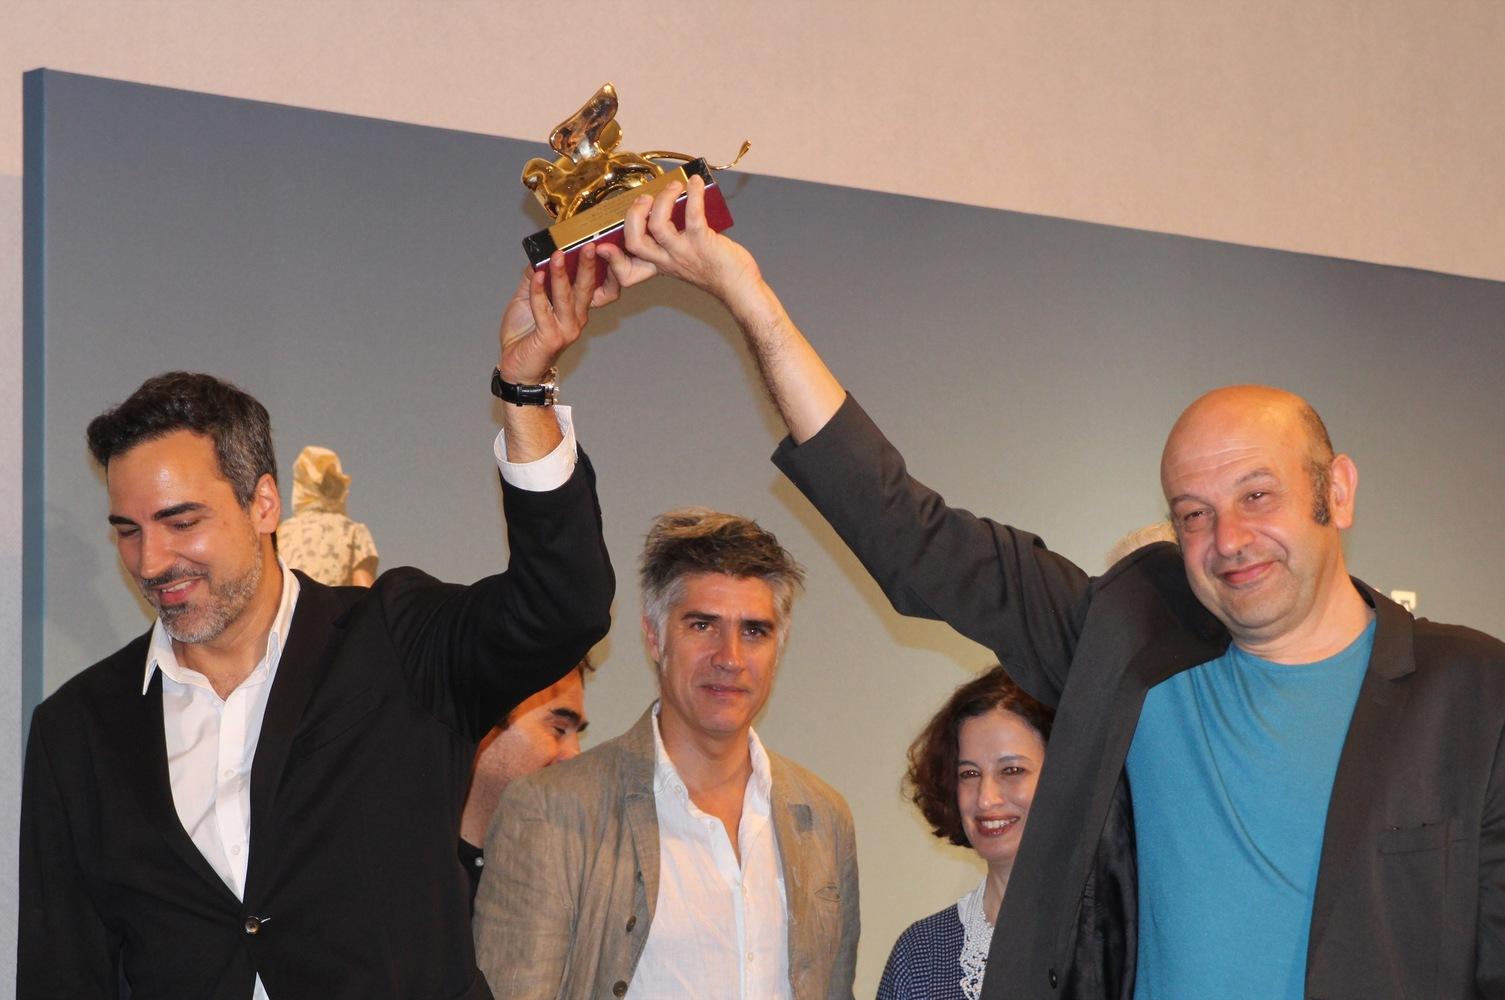 Imagen Subliminal nos propone una nueva mirada de UNFINISHED, el León de Oro español en la XV Bienal de Venecia